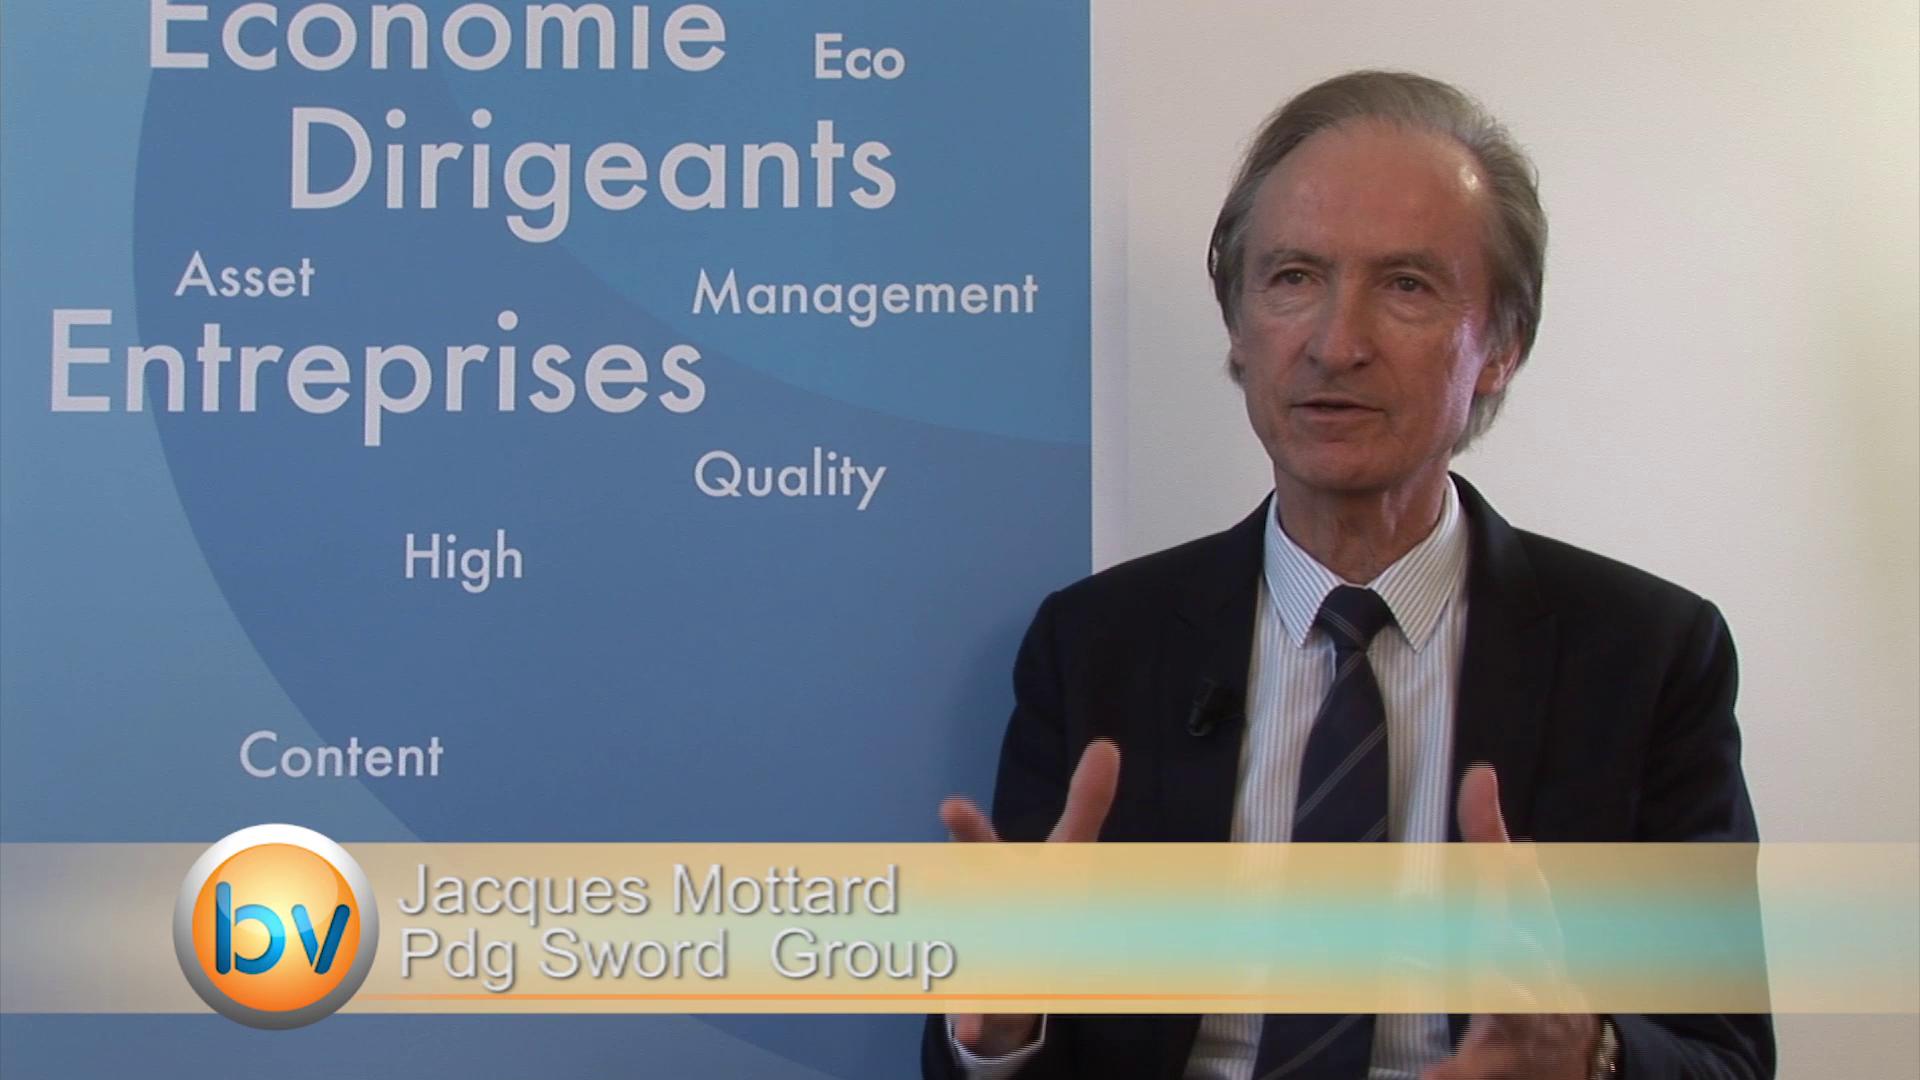 Jacques Mottard Pdg Sword Group : «La croissance à deux chiffres pour les trois prochaines années est assurée»